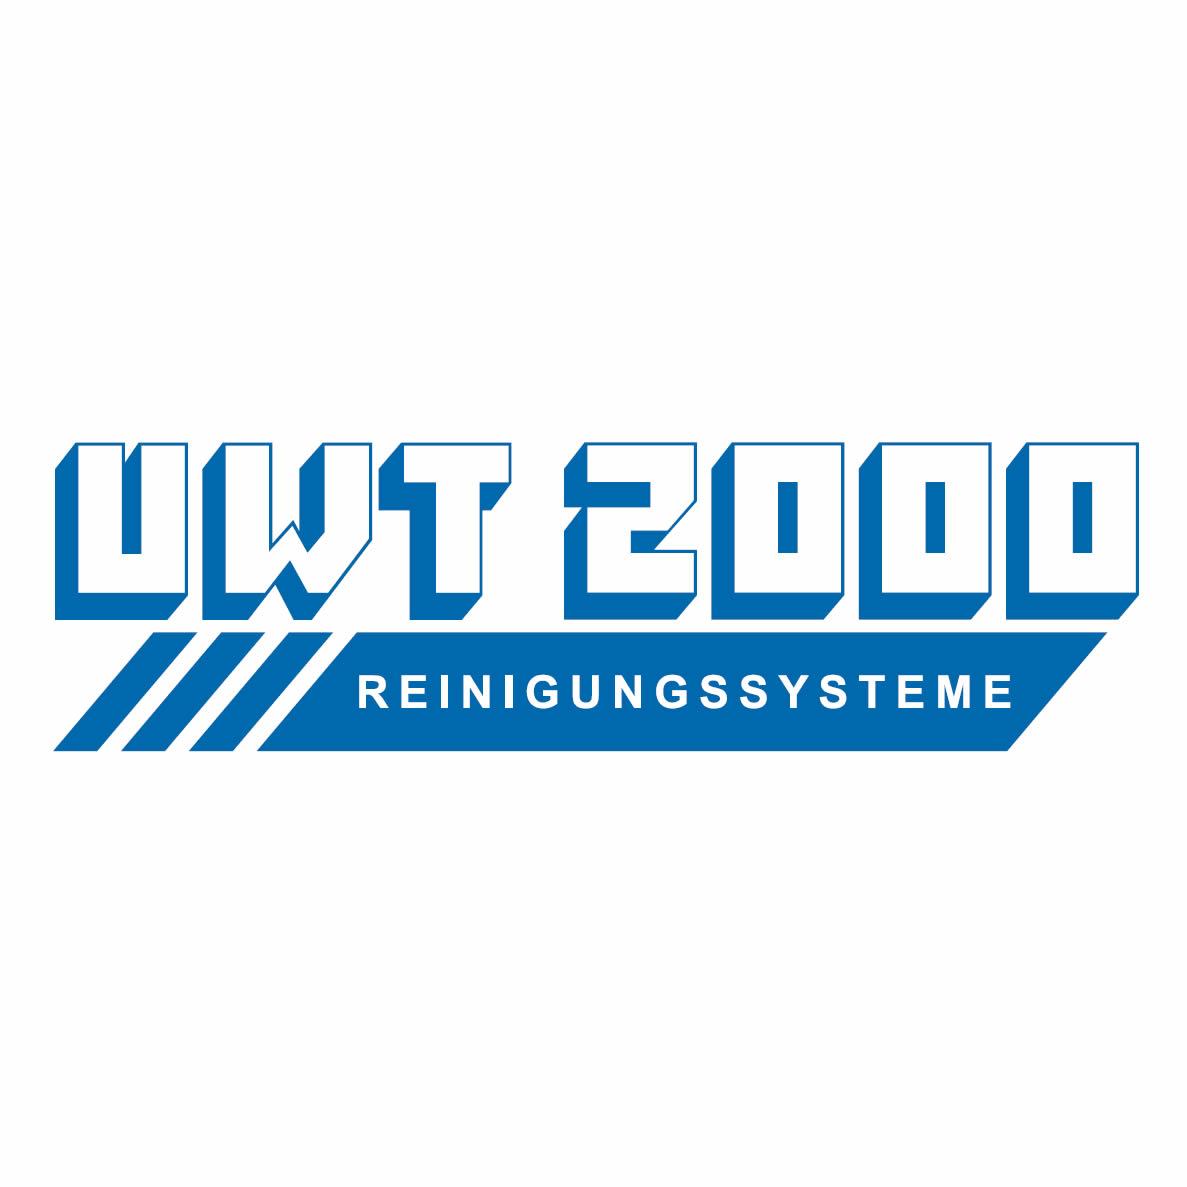 UWT 2000 GmbH